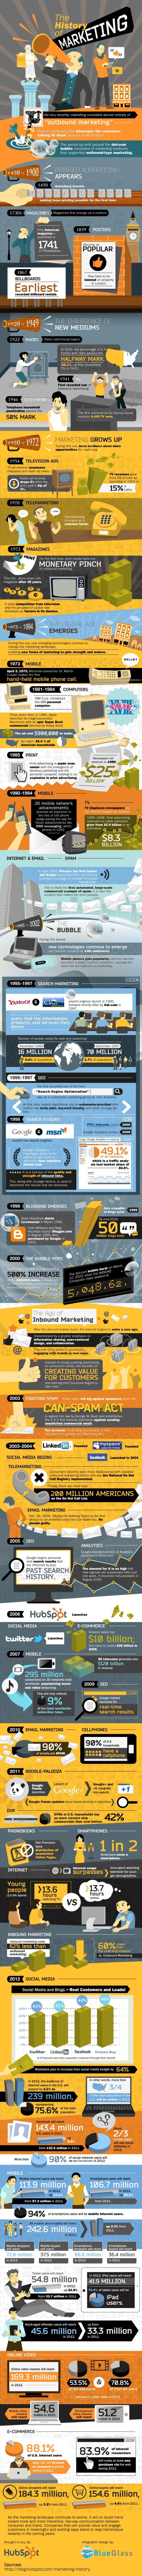 History of Marketing (nicht alle Jahrszahlen sind richtig, aber vom Grundtenor ist es ok) #Marketing #Geschichte